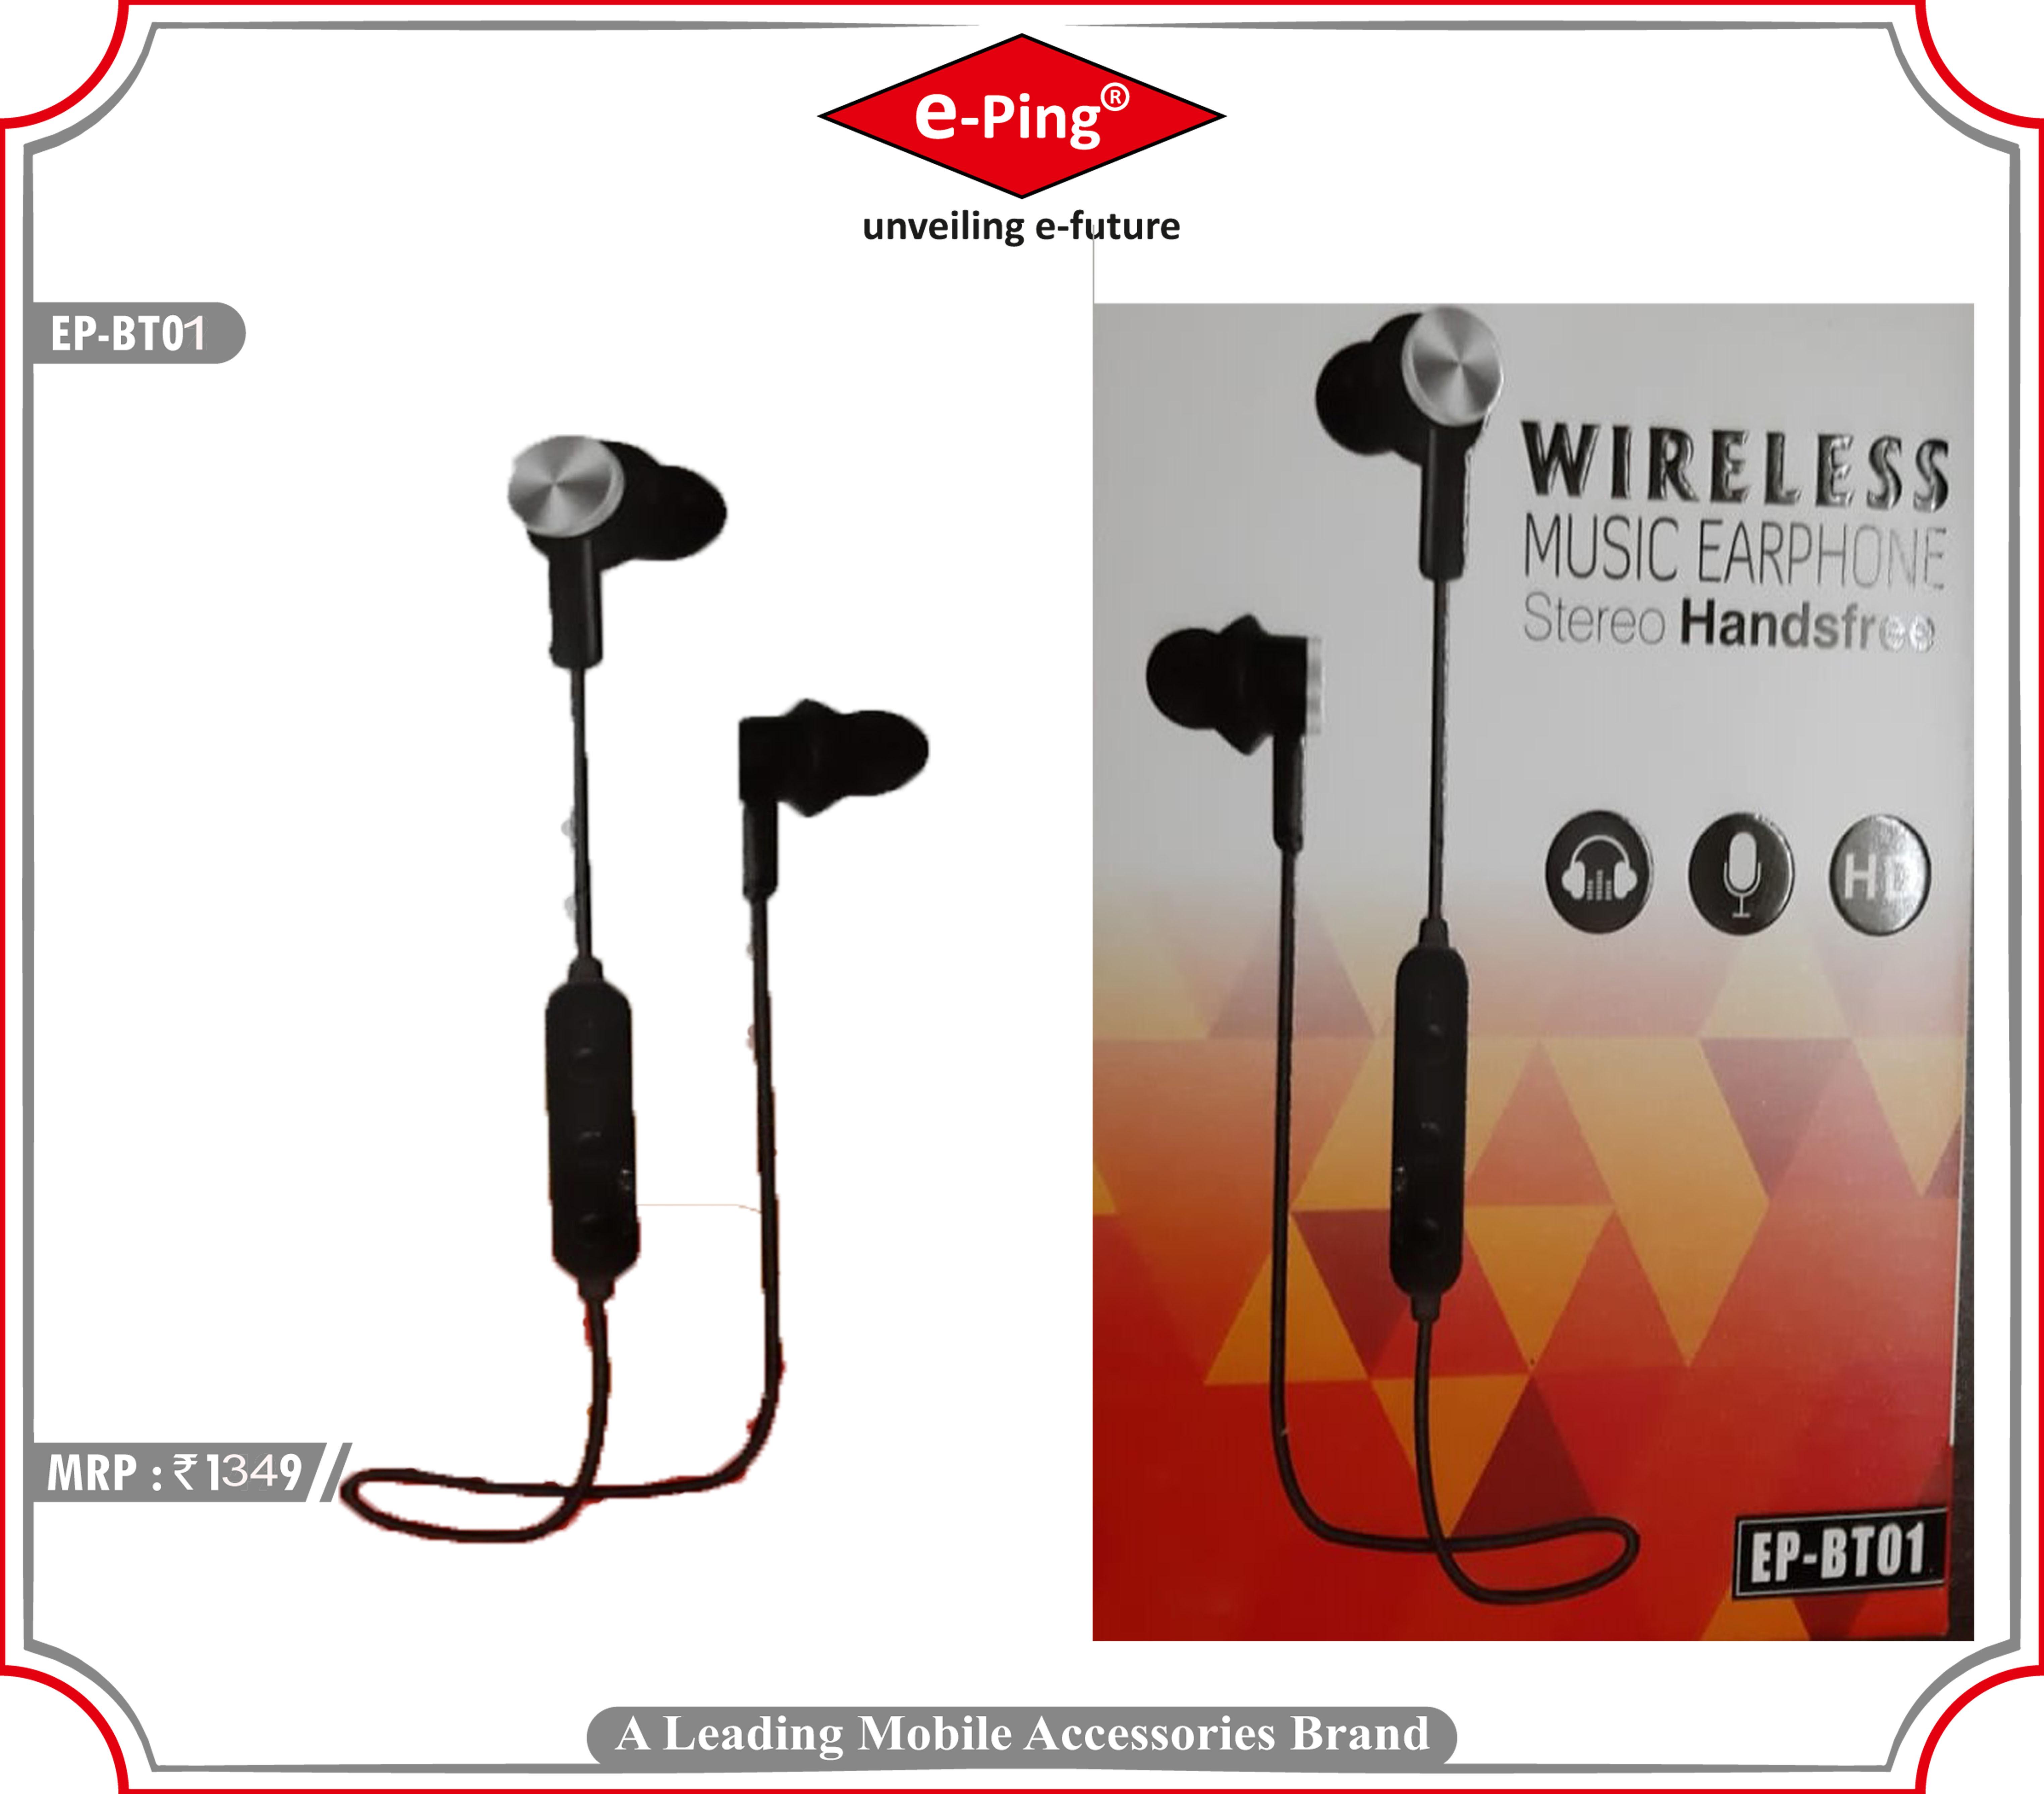 Wireless Music Earphone Stereo hendsfree